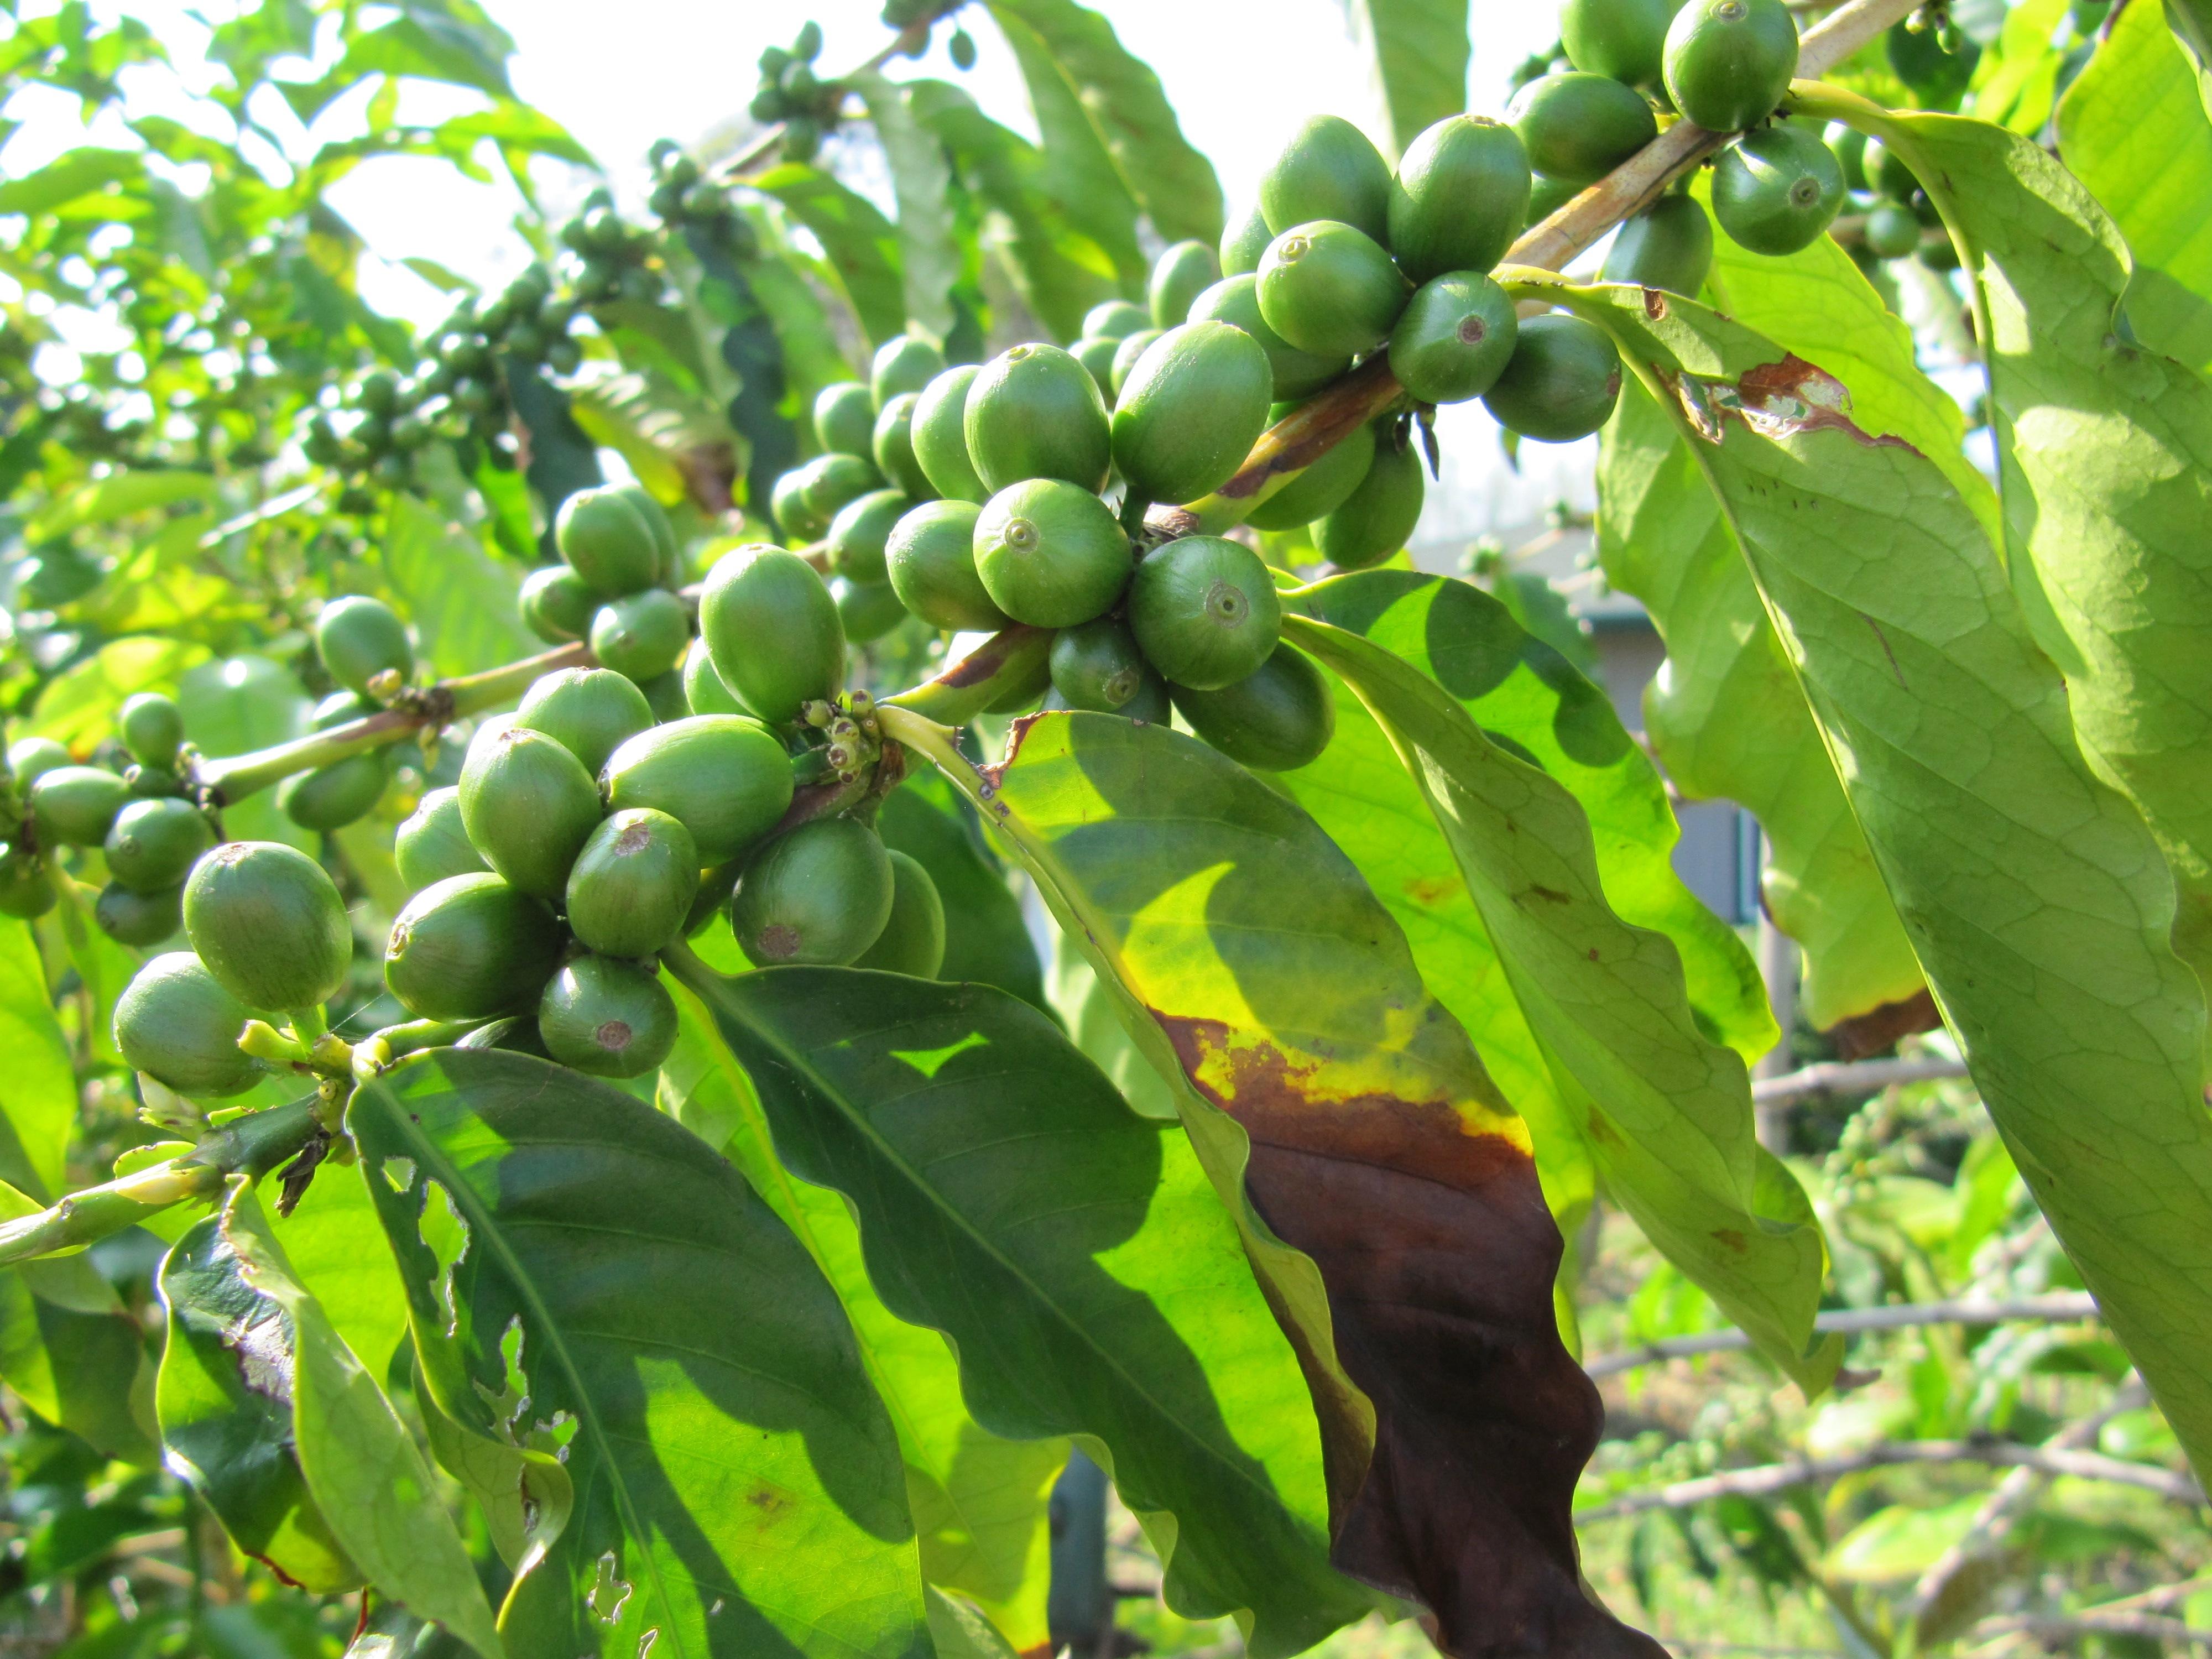 IMG 1727 Where To Buy Kona Coffee Kona Joes Coffee Plantation